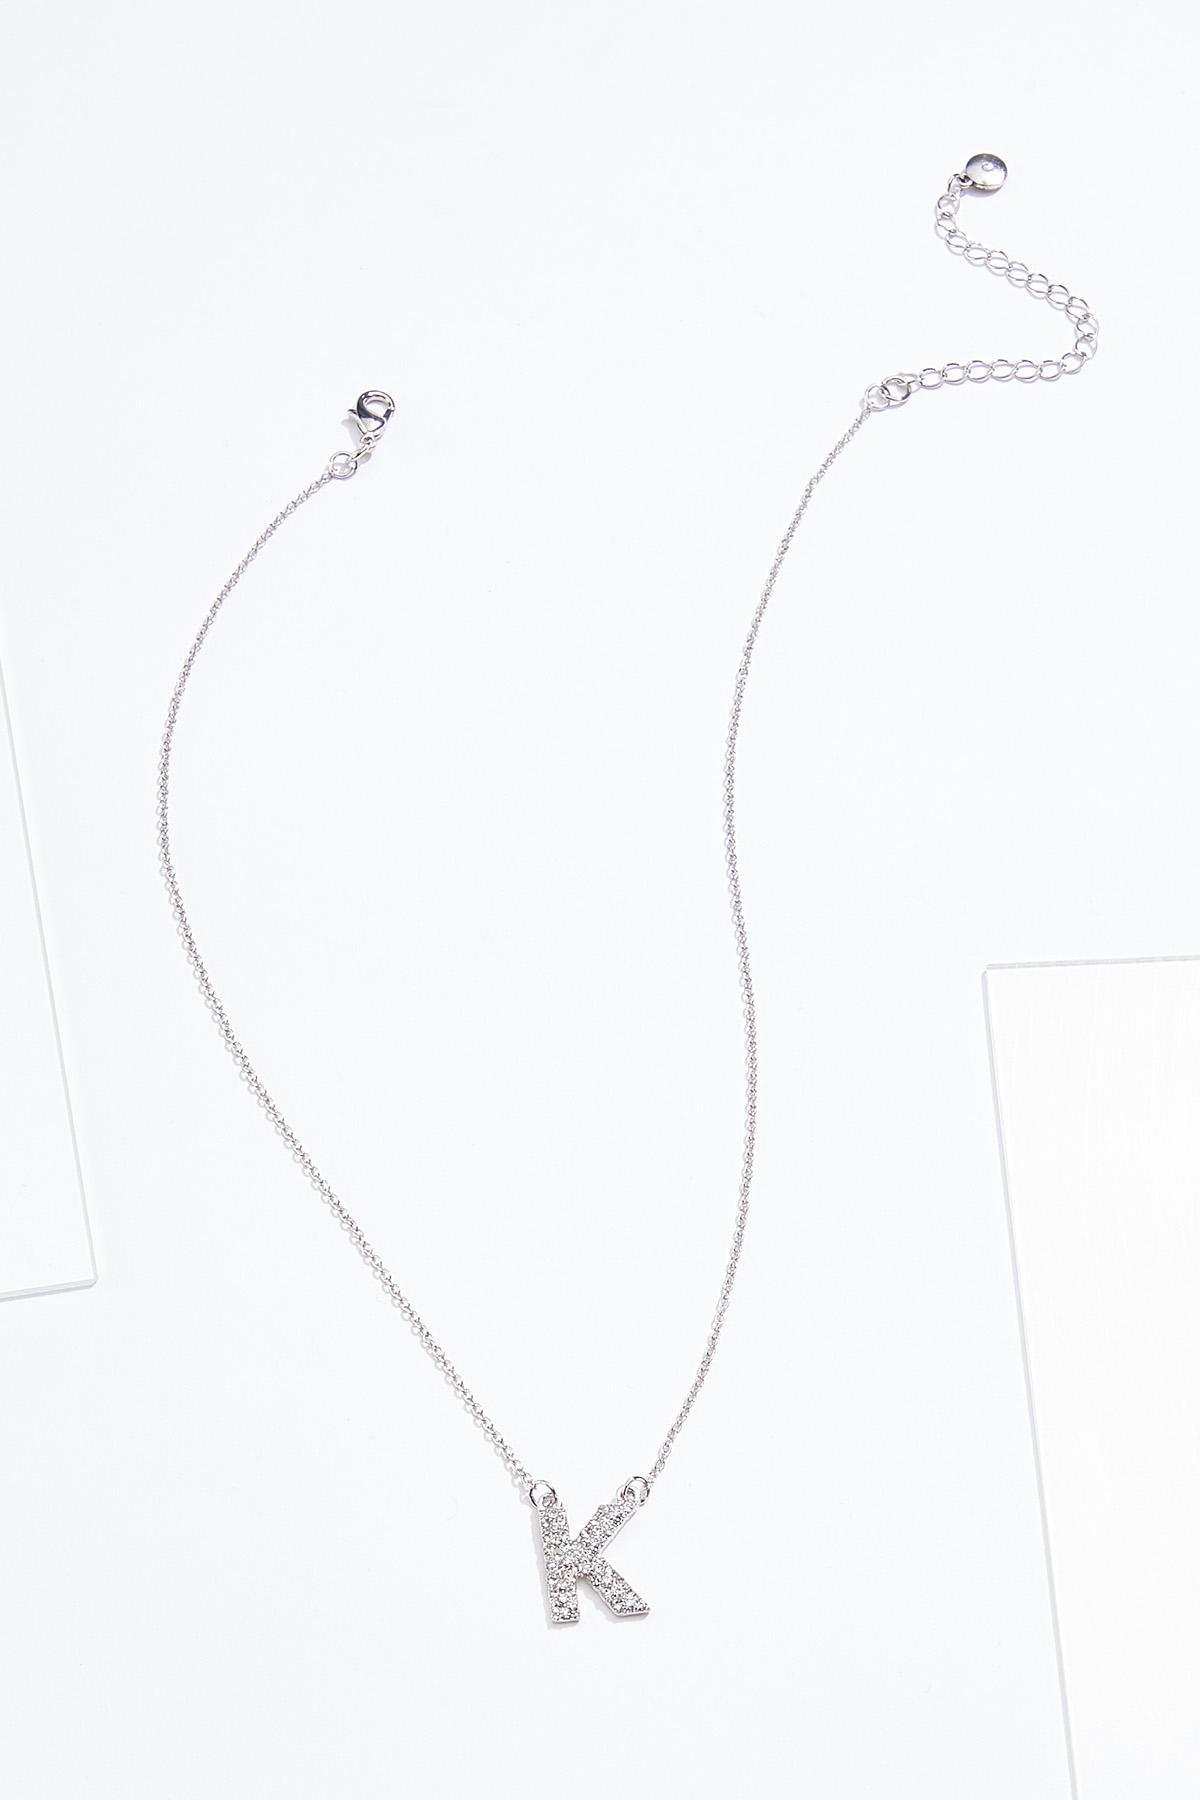 Rhinestone K Pendant Necklace